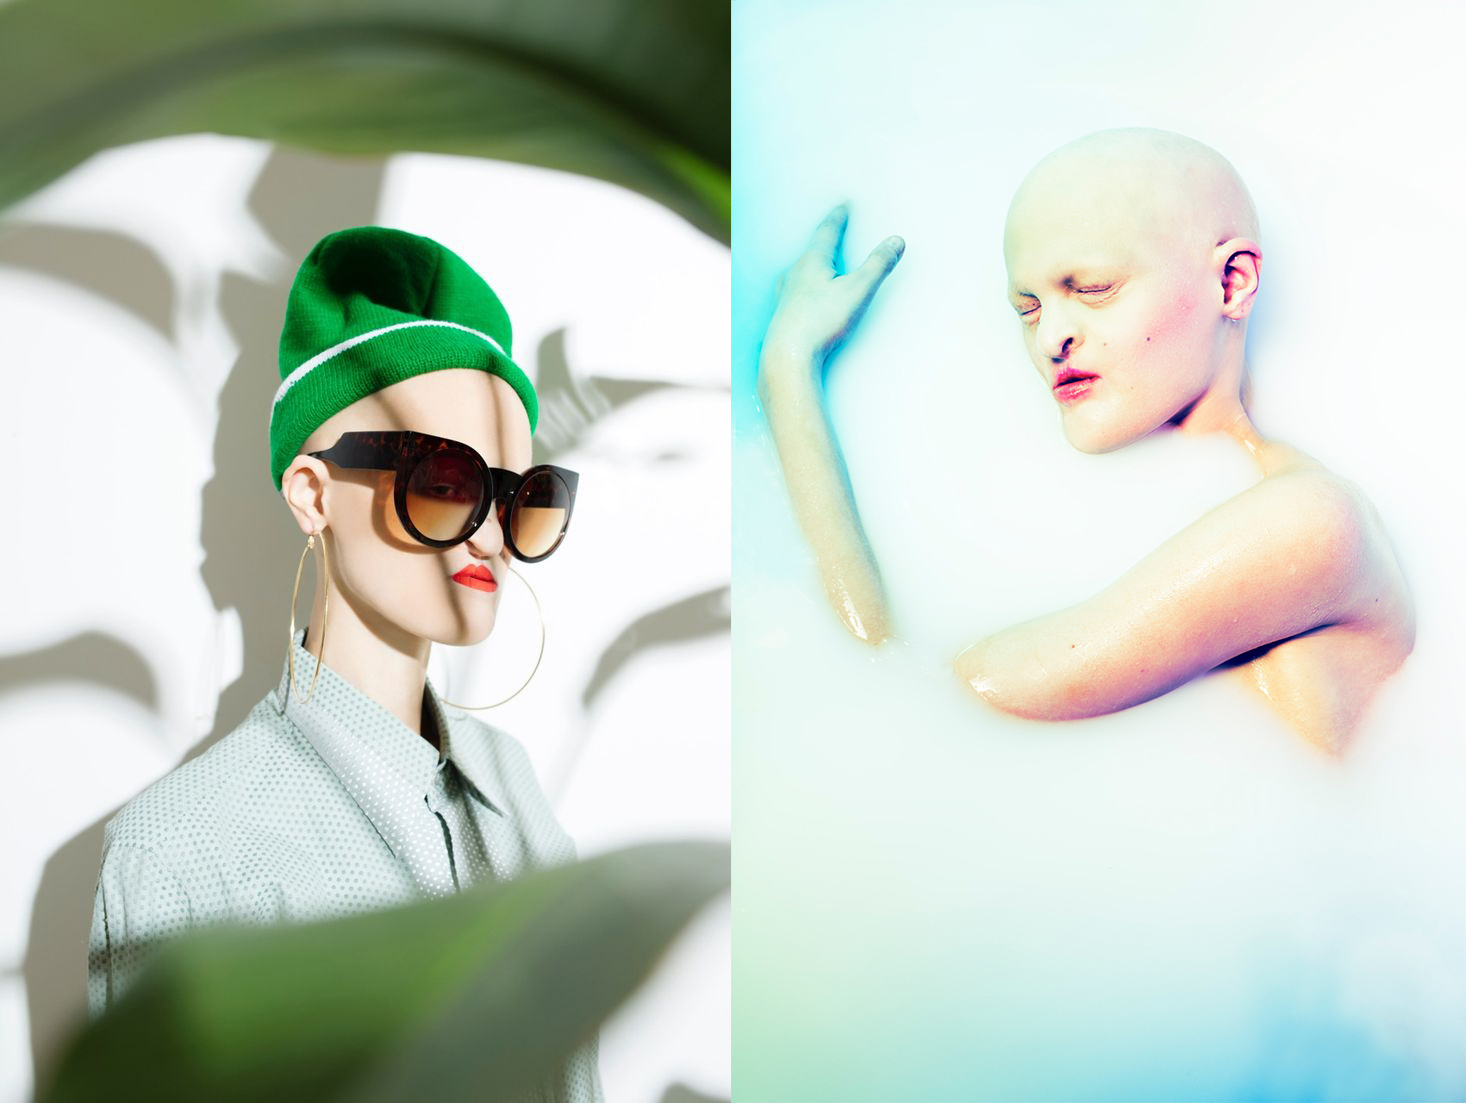 Dwie fotografie kolorowe. Po lewej stronie portret łysej modelki, w zielonej czapce zimowej, z dużymi czarnymi okularami przeciwsłonecznymi. Modelka ubrana jest w koszulę, a na pierwszym planie widać rozmazane zielone liście. Po prawej stronie ta sama modelka, ze zdeformowaną twarzą, nago leży w mleku. Z płynu wystaje tylko twarz oraz lewa ręka. Modelka leży bokiem.